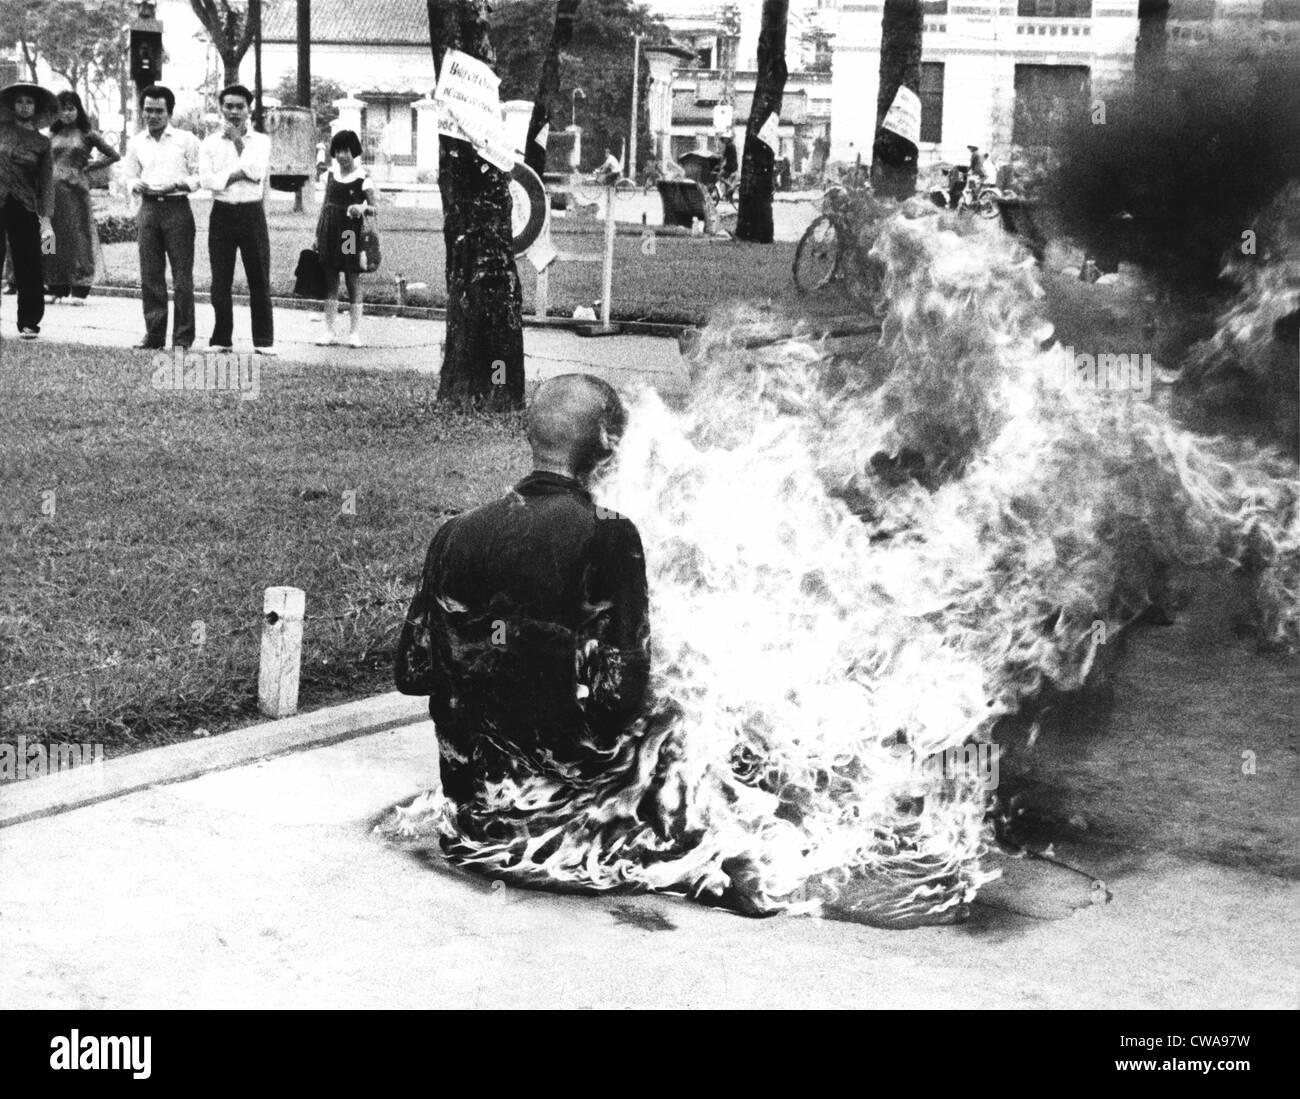 Ein junger Mönch verbrannte sich in Saigon Marktplatz, um religiöse Politik der Regierung zu protestieren. 1963. Stockfoto